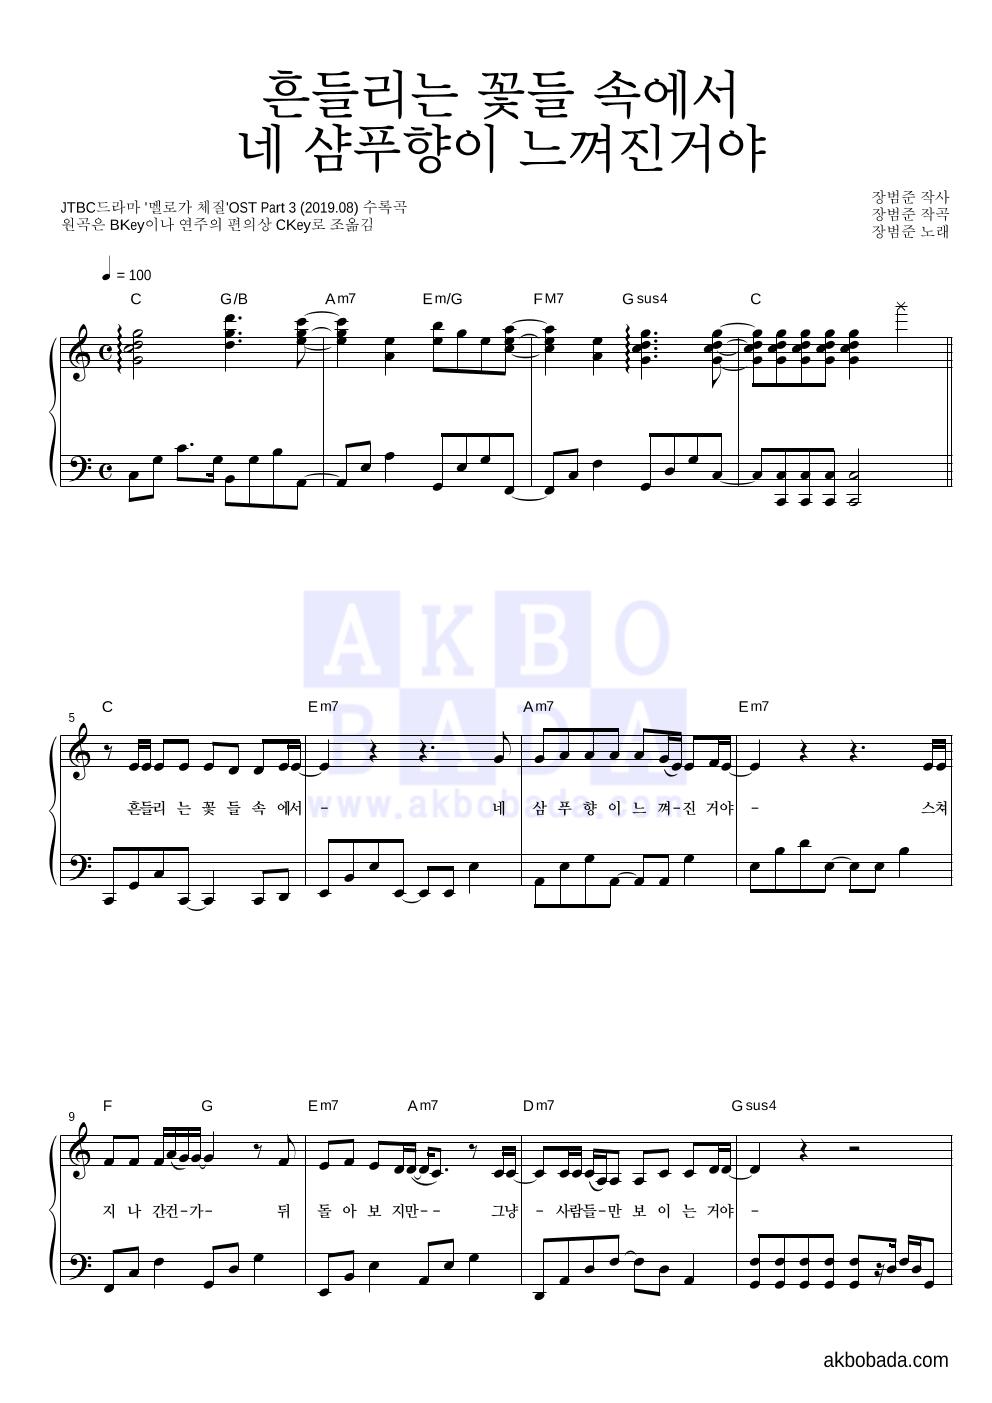 장범준 - 흔들리는 꽃들 속에서 네 샴푸향이 느껴진거야 피아노 2단 악보